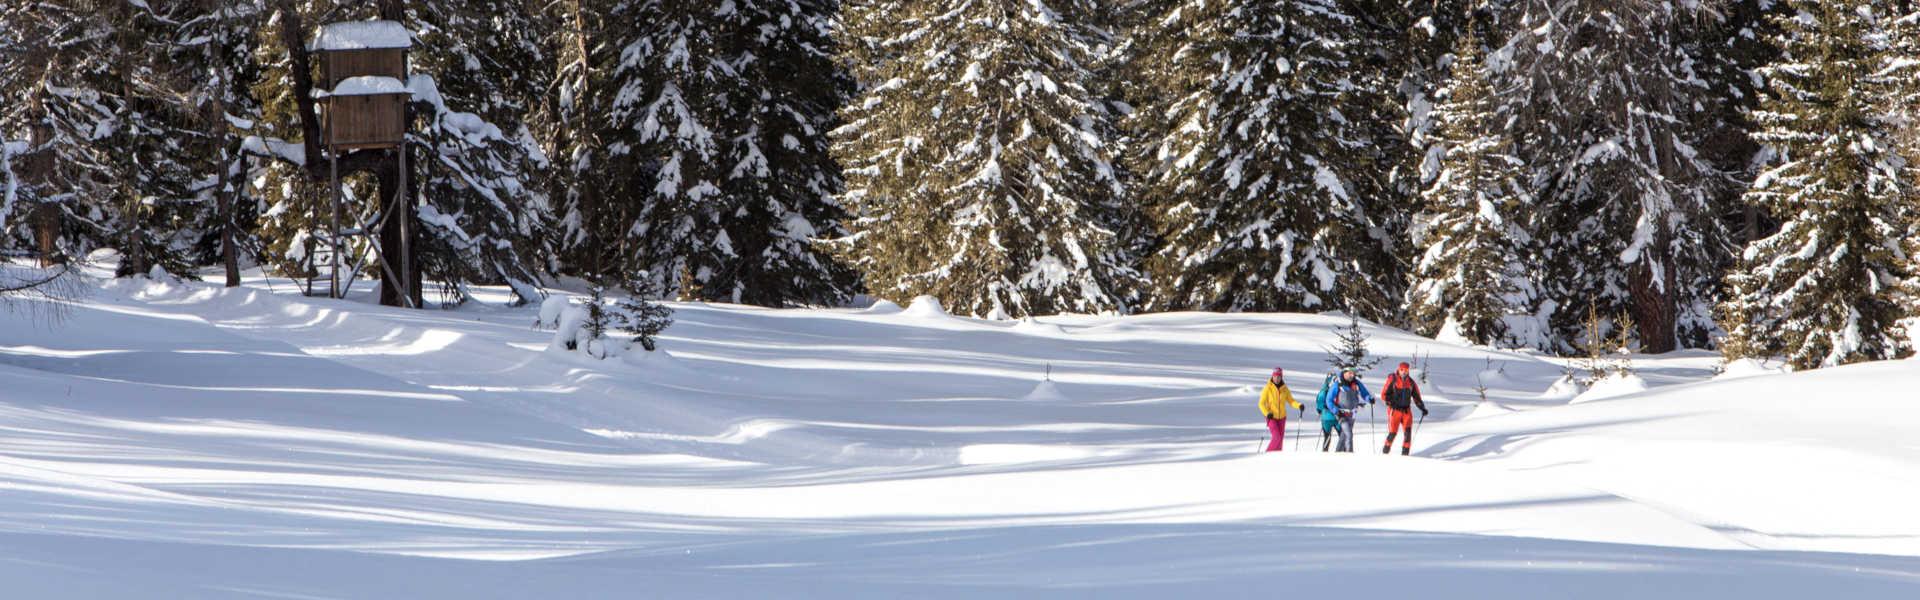 Freizeit - Winter - Schneeschuhwandern - Headerbild